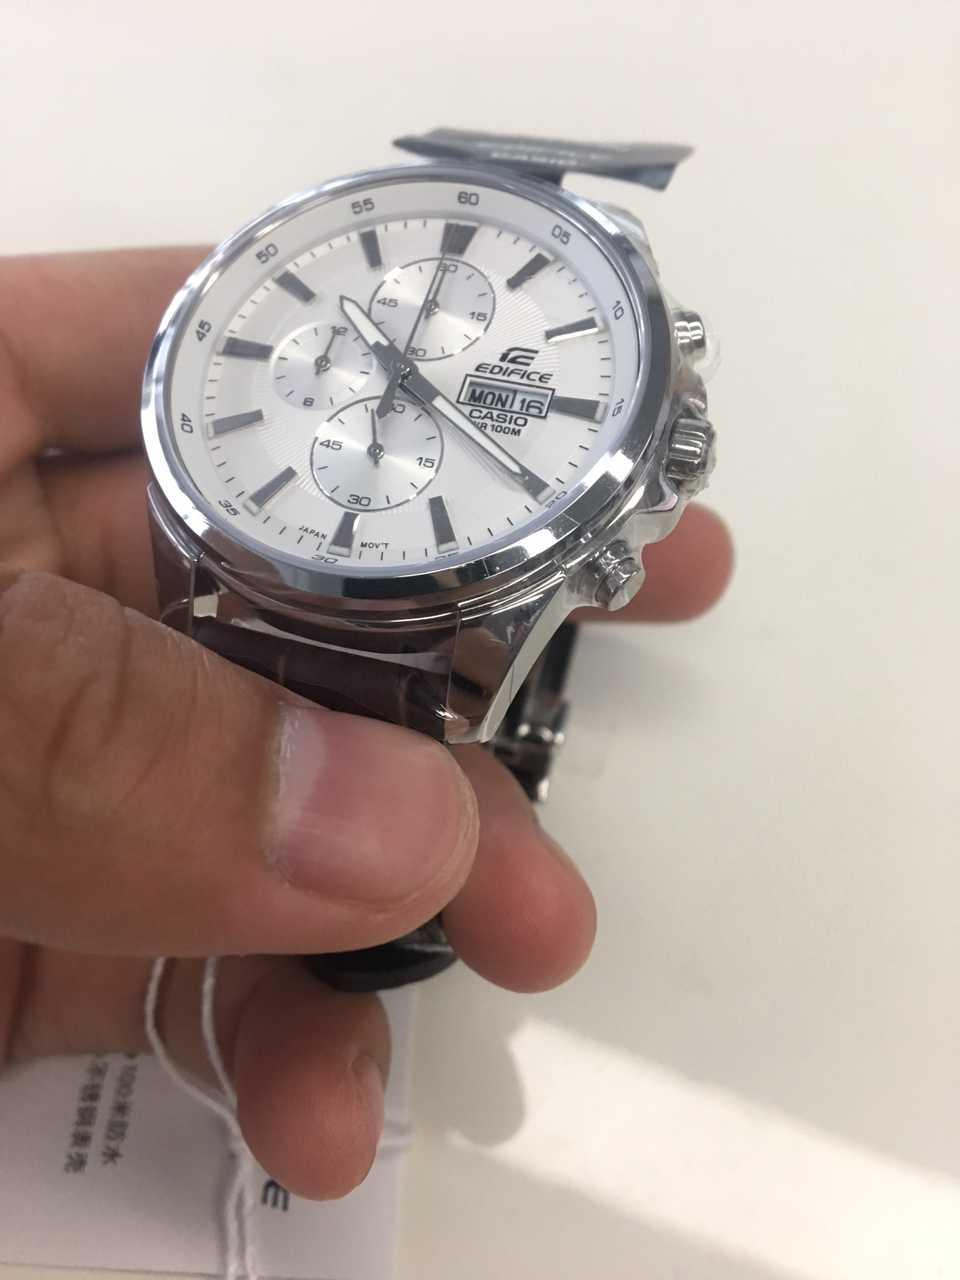 卡西欧EFB-509L-7AVUPR手表【表友晒单作业】还是可以...